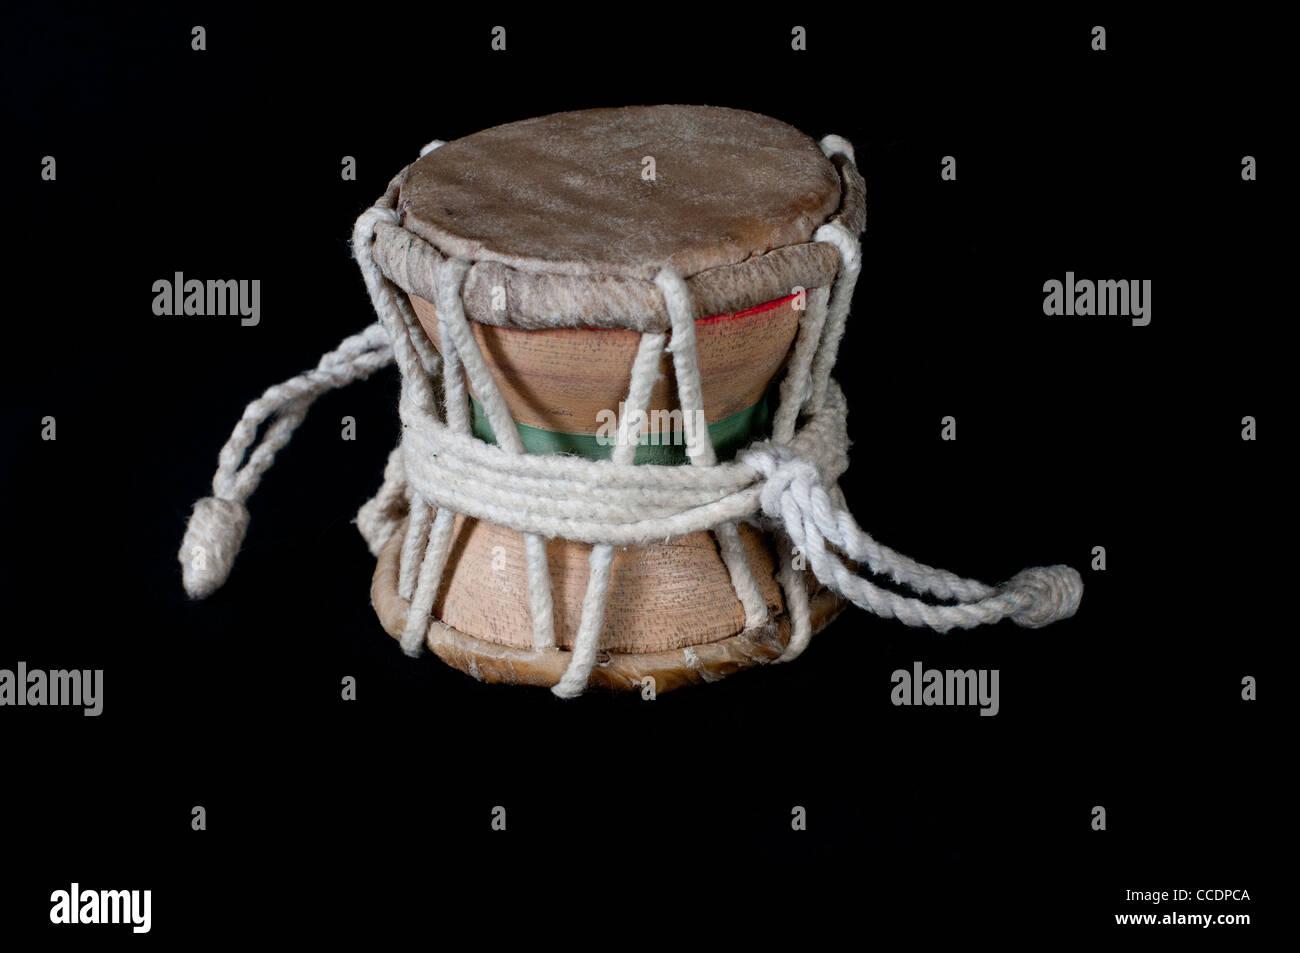 Damaru Stock Photos & Damaru Stock Images - Alamy